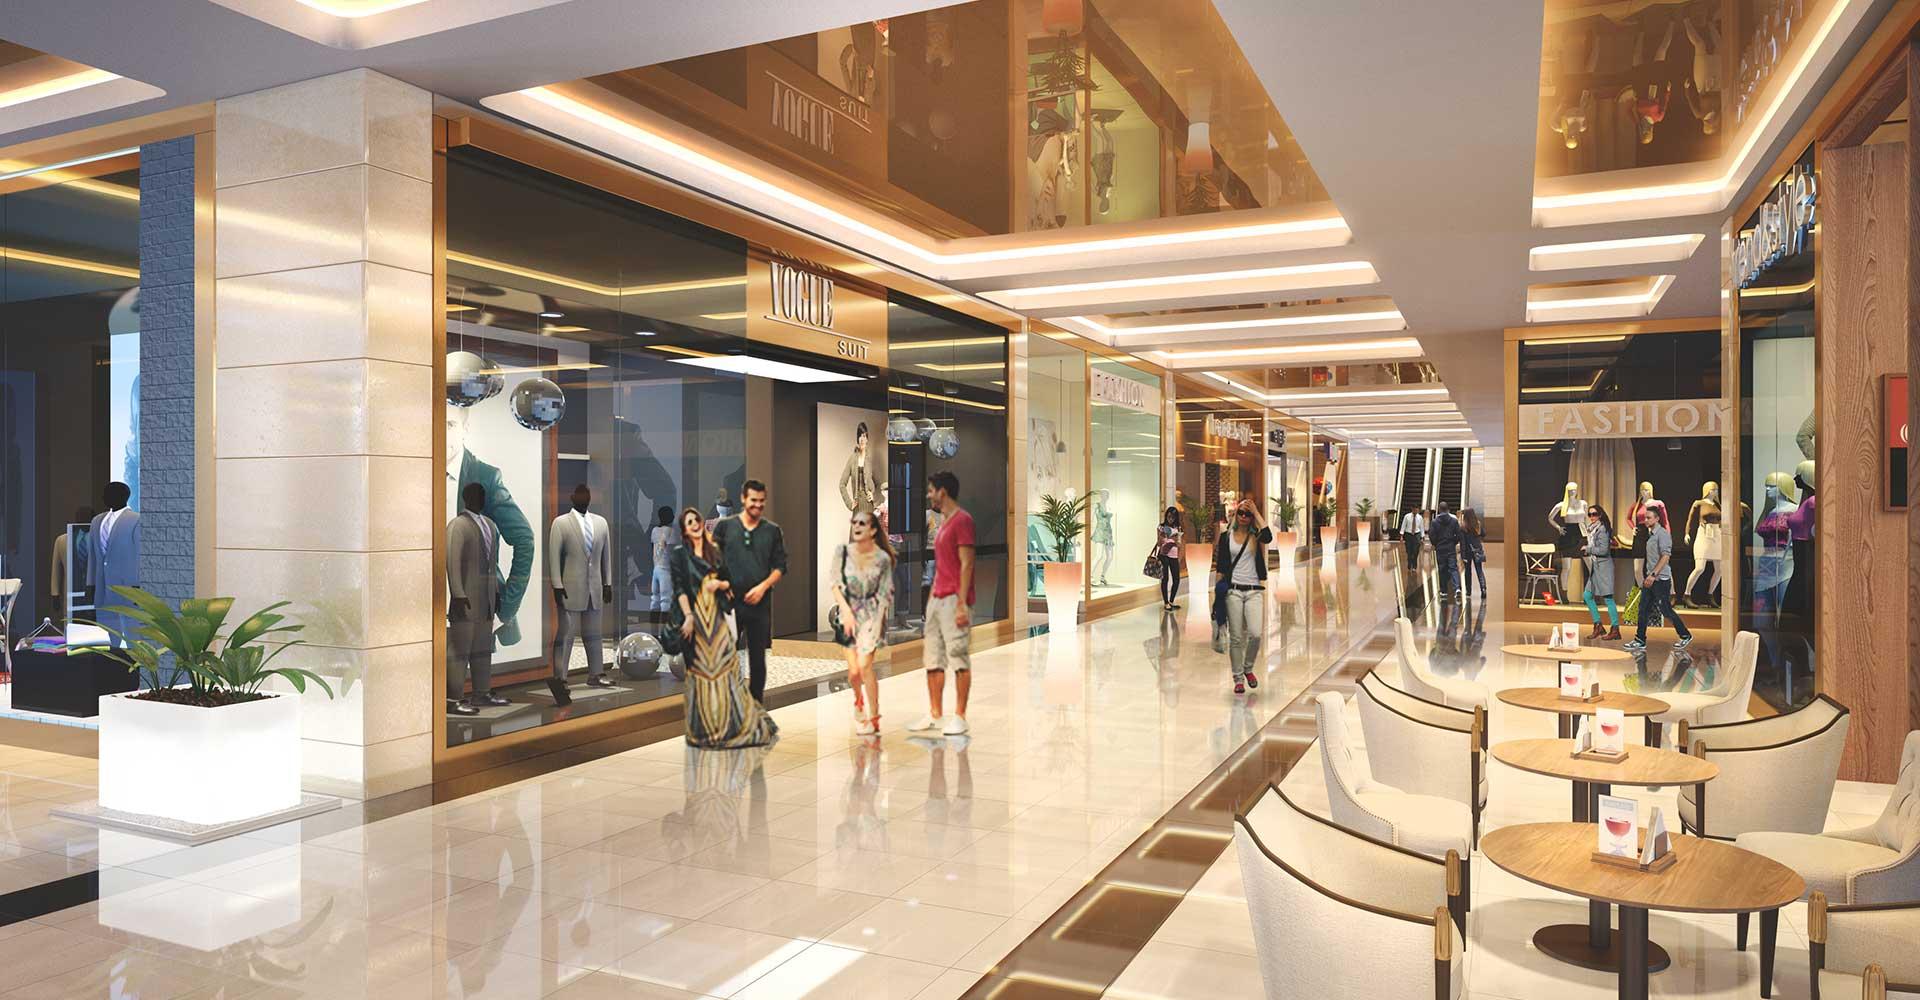 Sảnh thương mại Dự án Chung cư Athena Complex Pháp Vân 161 Ngọc Hồi